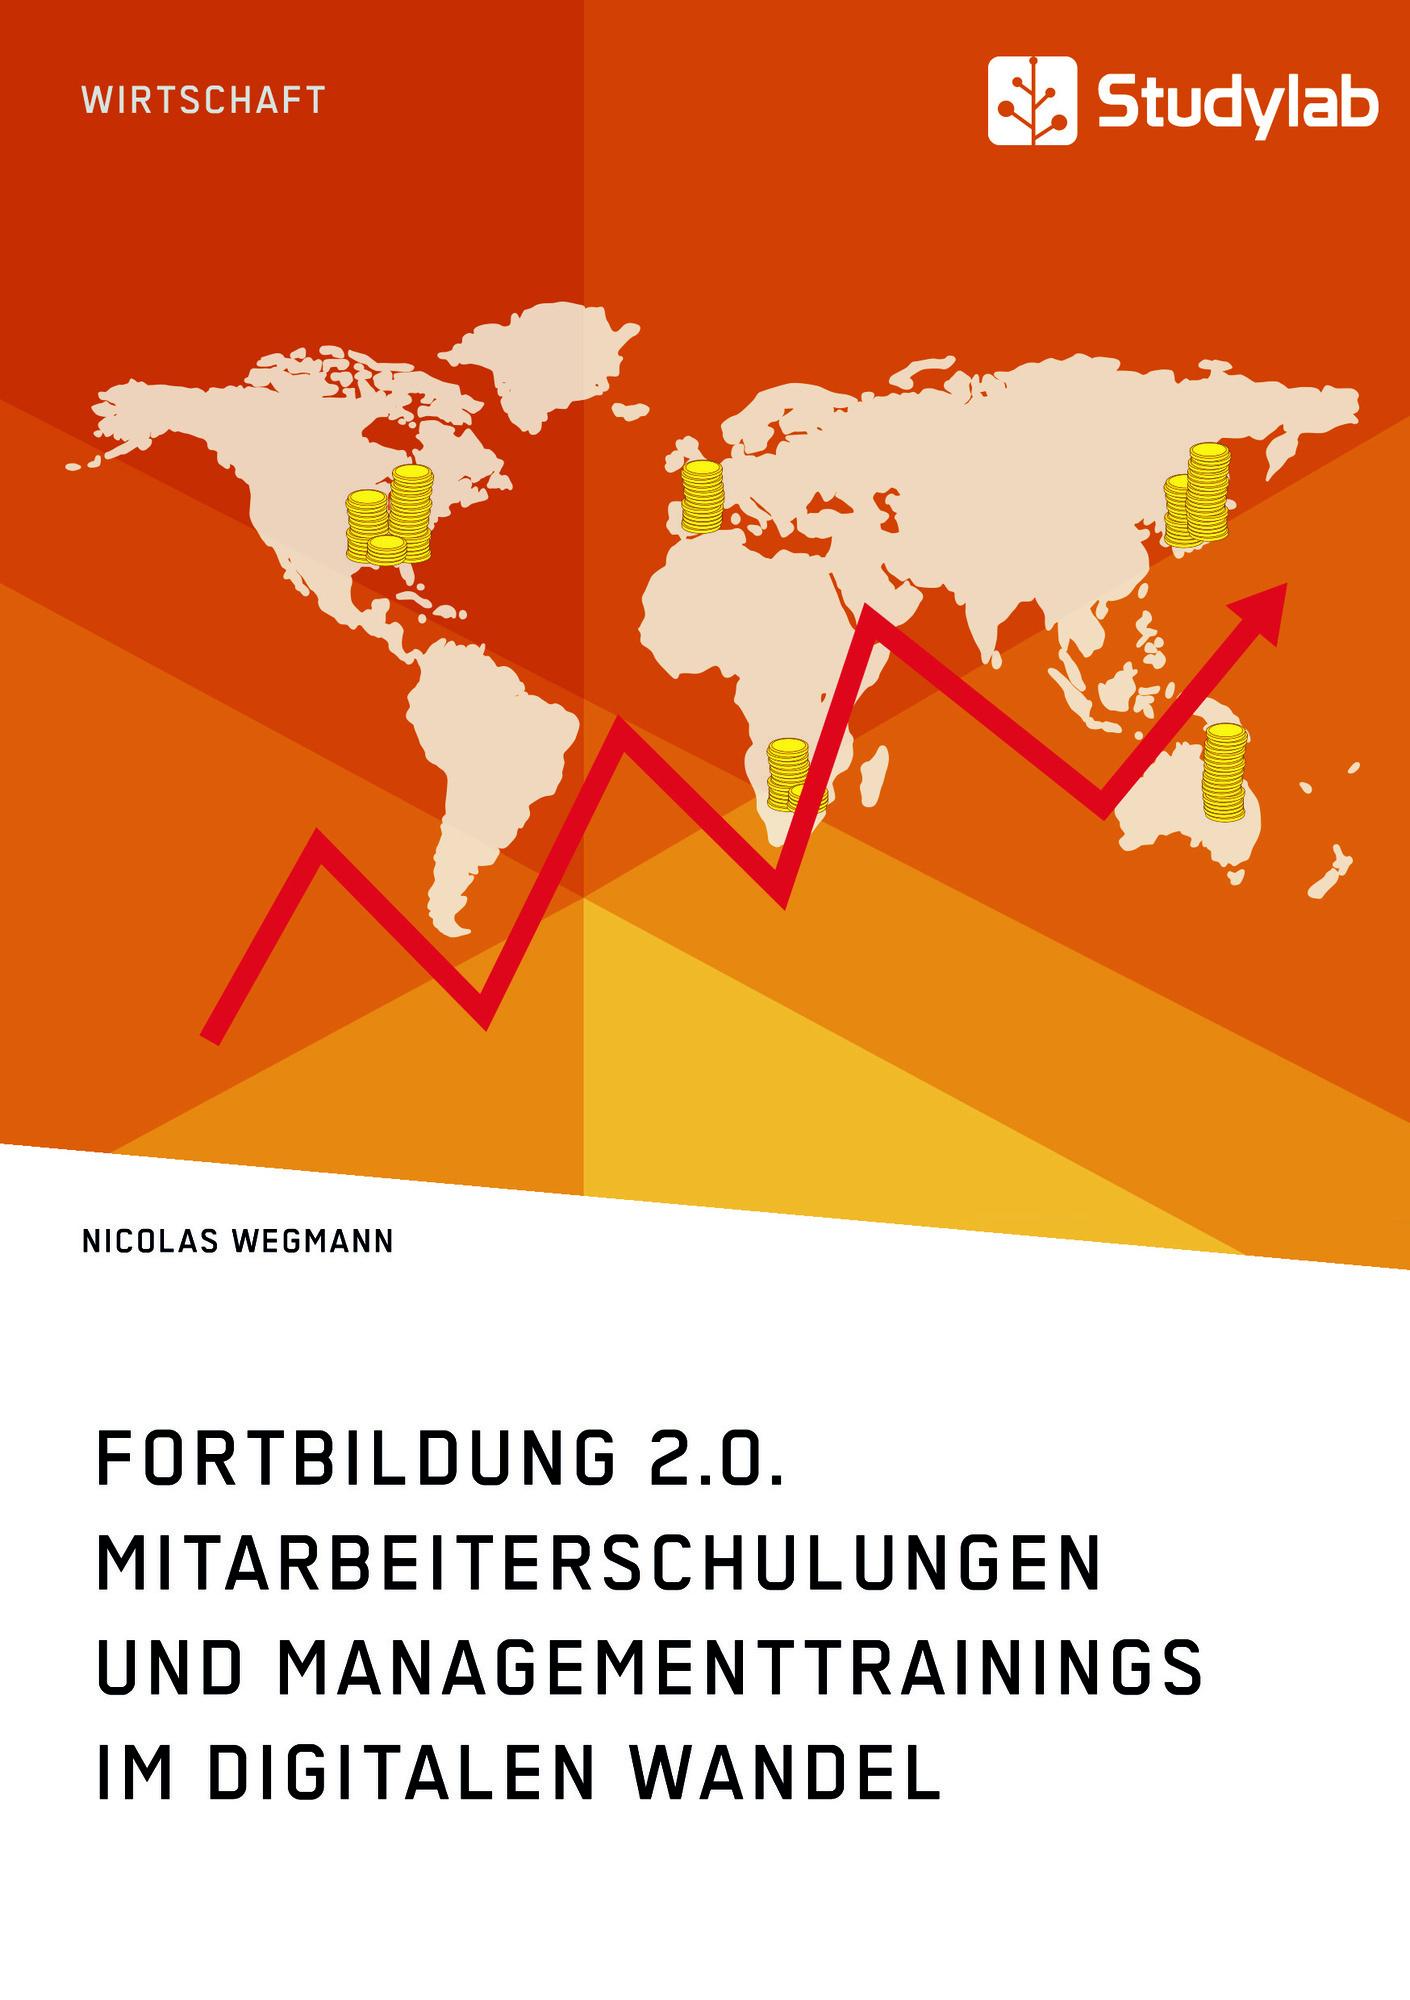 Titel: Fortbildung 2.0. Mitarbeiterschulungen und Managementtrainings im digitalen Wandel